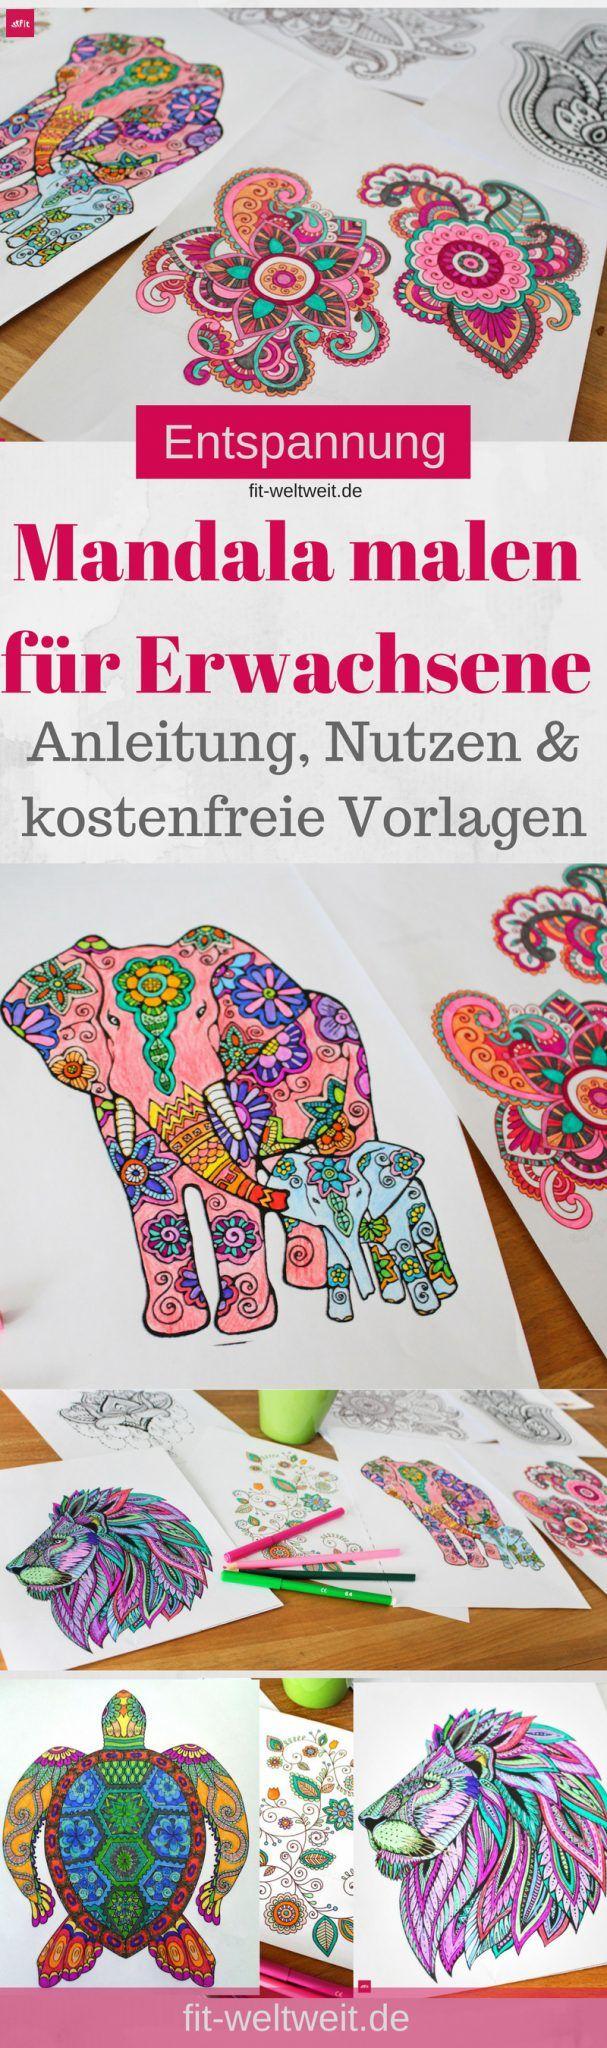 Mandala malen online Vorlagen - Löwe, #Elefant, Blumen als Entspannung für Erwachsene das beste was es für die Seele gibt. Stress abbauen. Für Erwachsen, Kinder und Senioren. Die Anleitung und auch DIY Videos zum selber #Mandala erstellen findest du in diesem ausführlichen Blogpost. :-)Mandala malen für Erwachsene als Entspannung - Stress abbauen ud entspannen. Gut für Erwachsen, Kinder und Senioren. Die Anleitung und auch DIY Videos, Mandala malen #Vorlagen